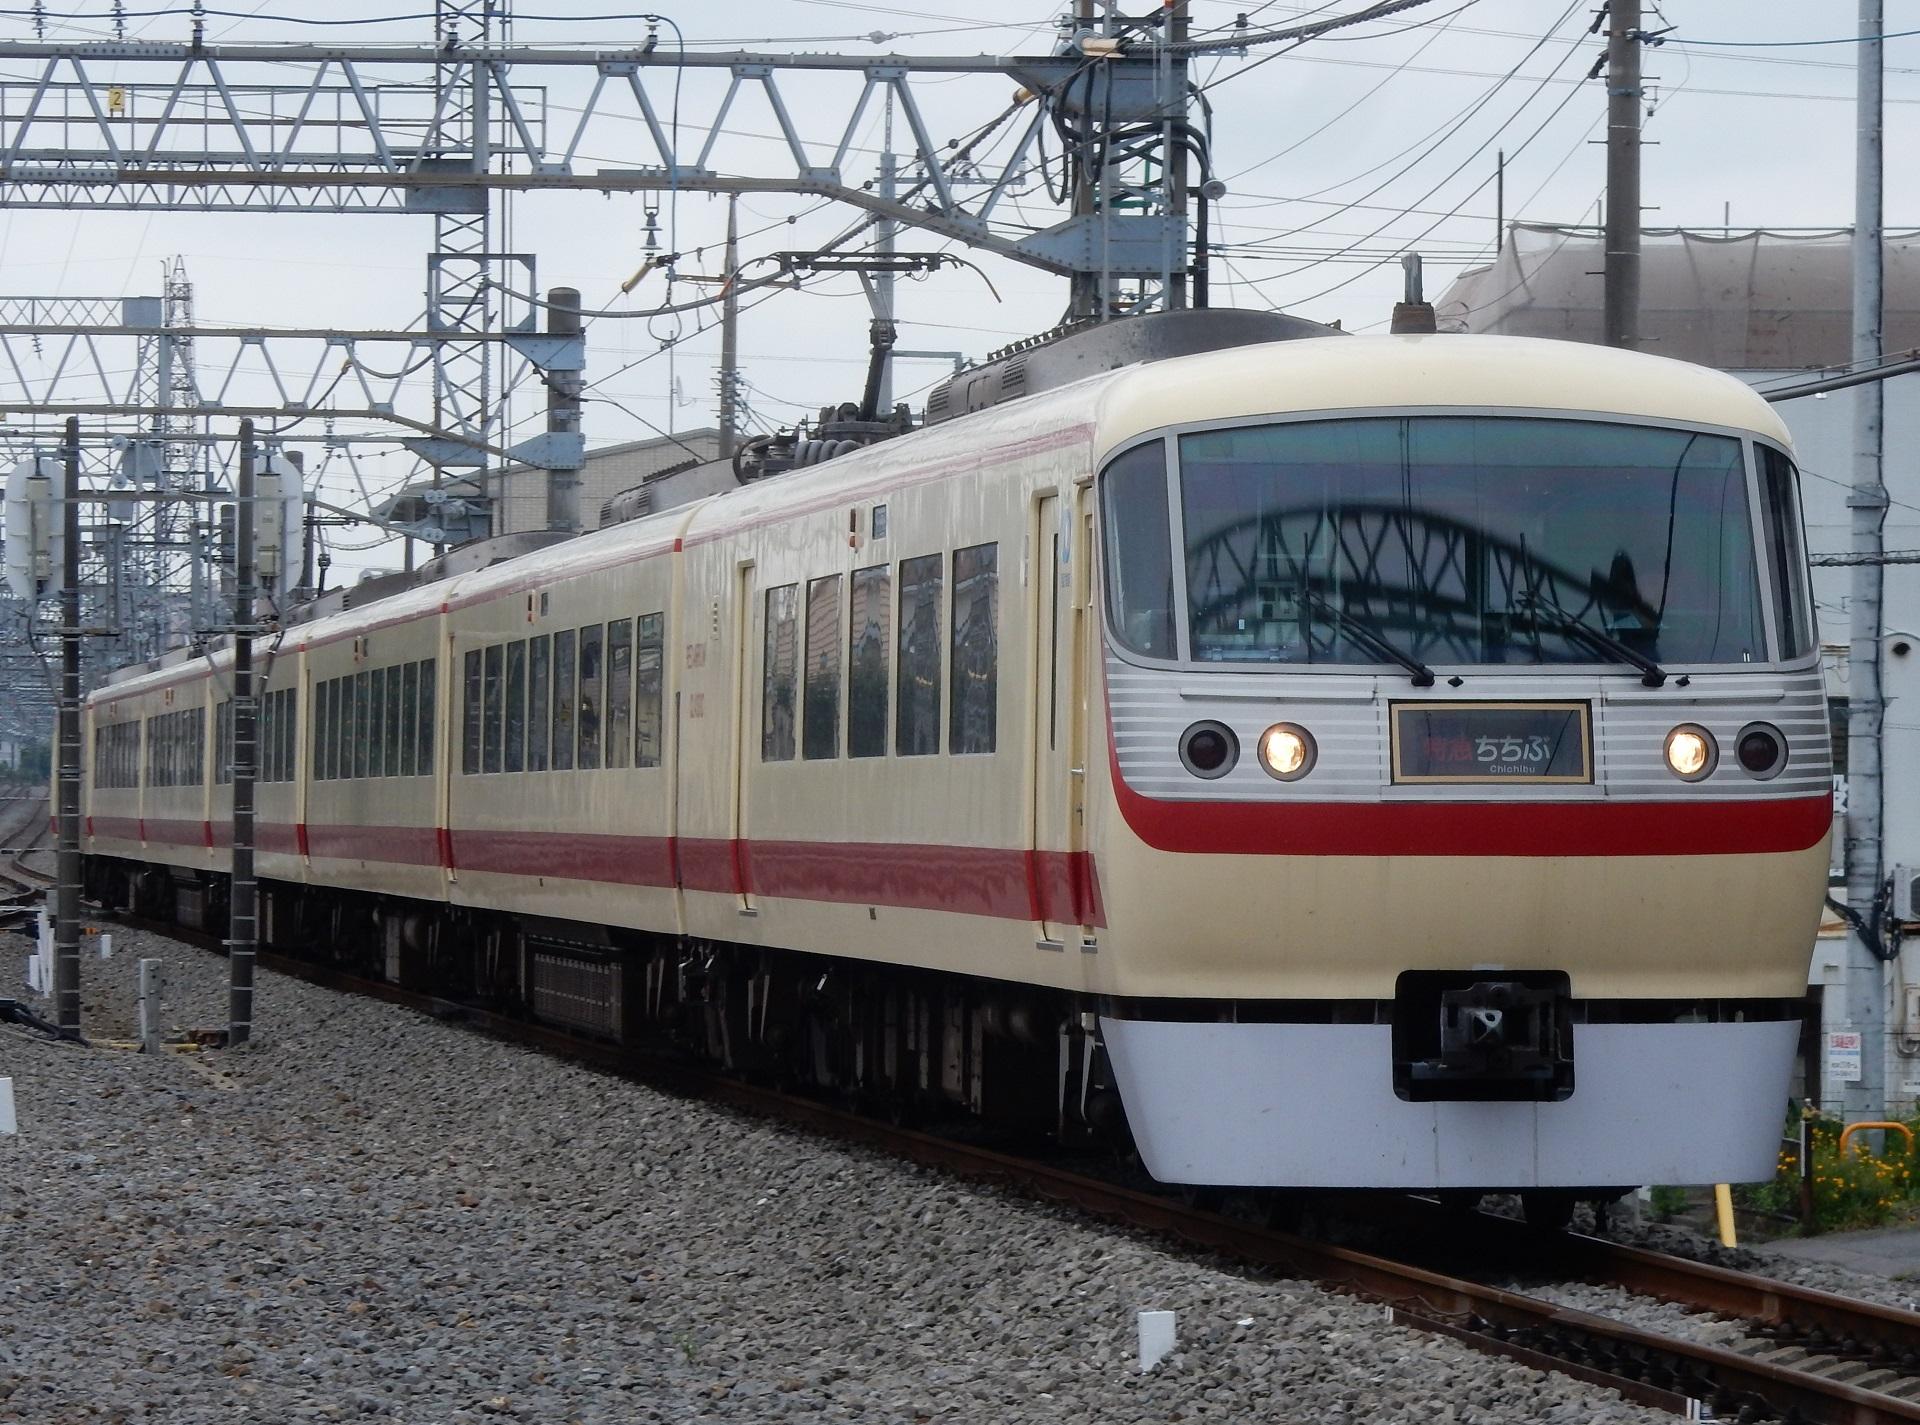 DSCN2639 - コピー